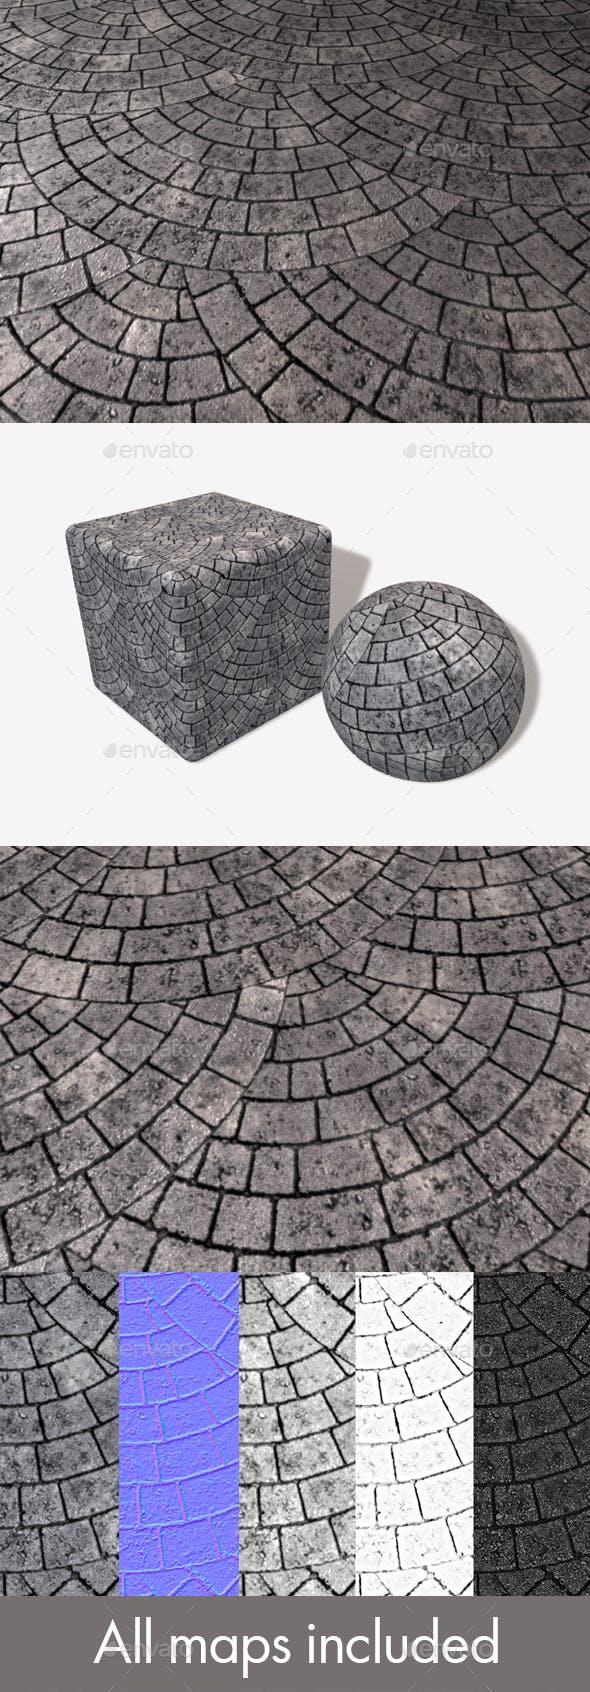 Circular Grey Brick Paving Seamless Texture - 3DOcean Item for Sale